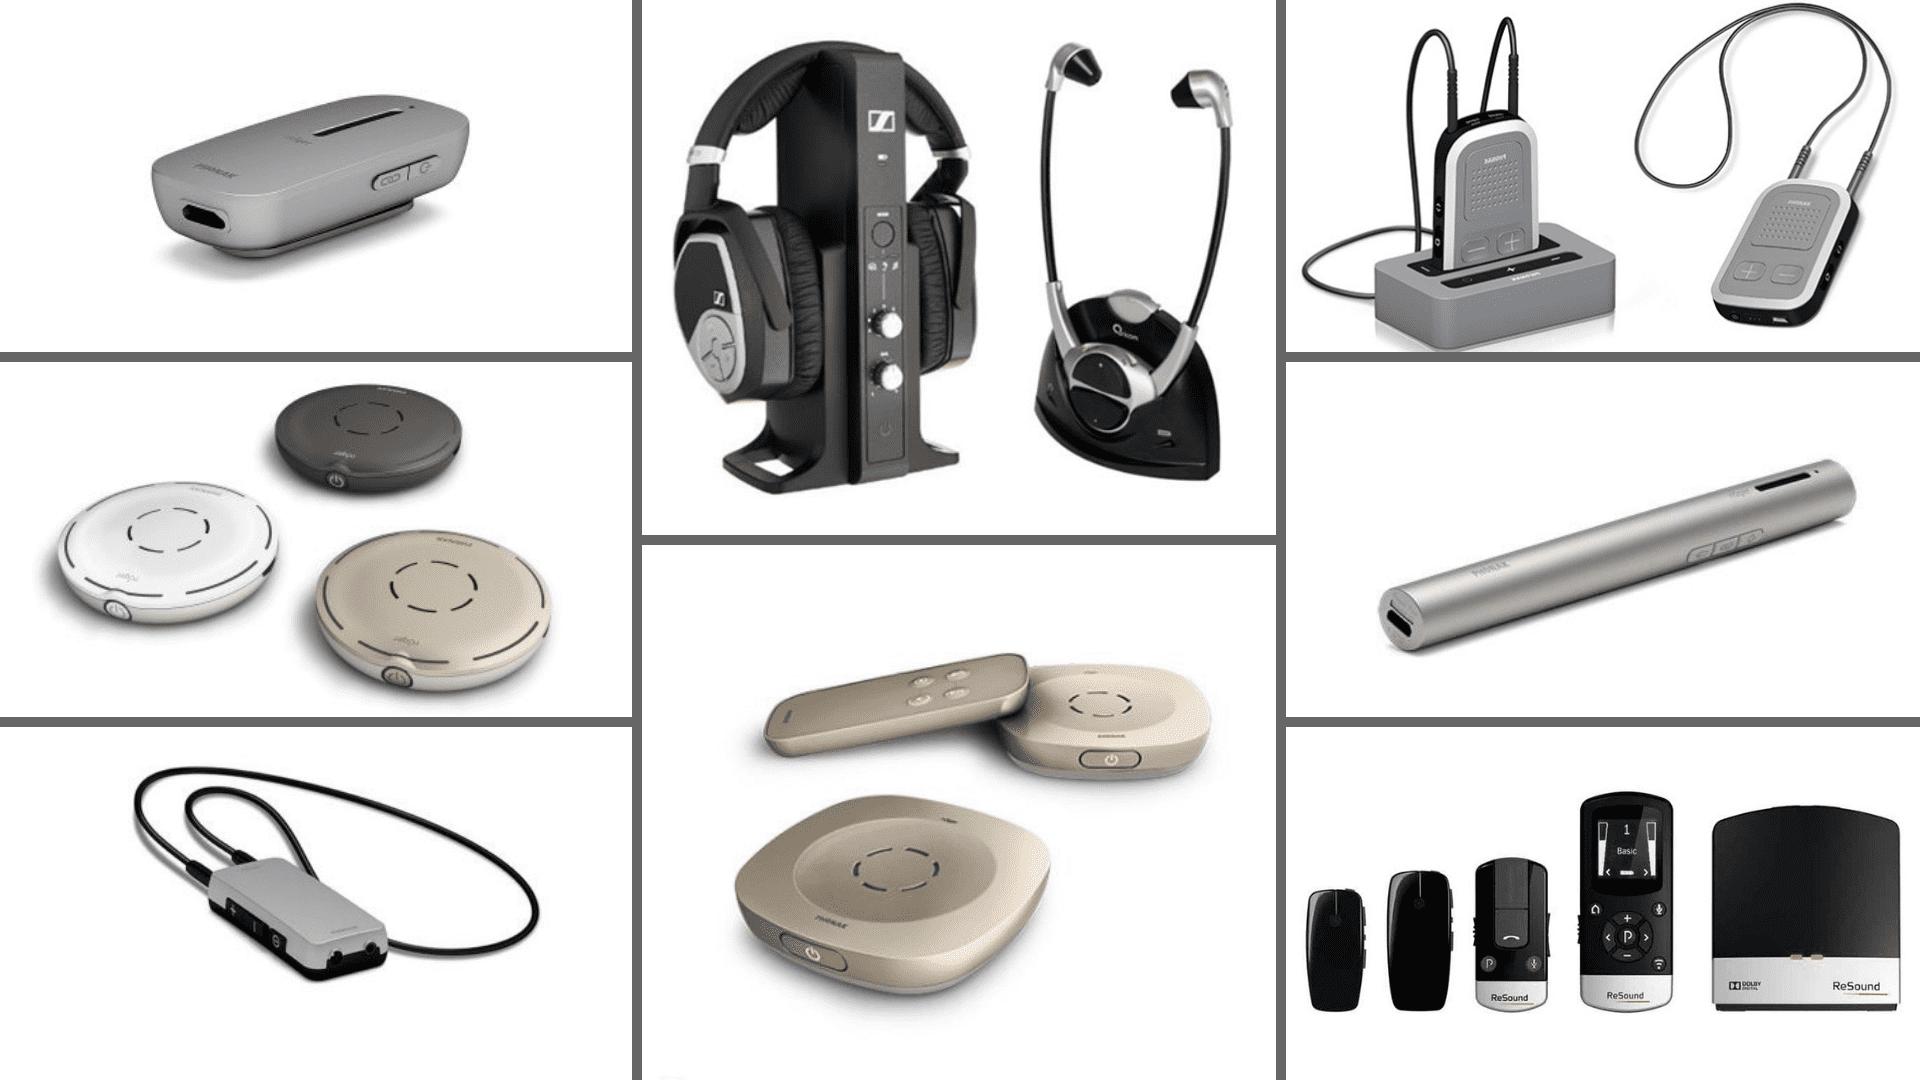 Thiết bị máy nghe lén máy nghe trộm công nghệ cao